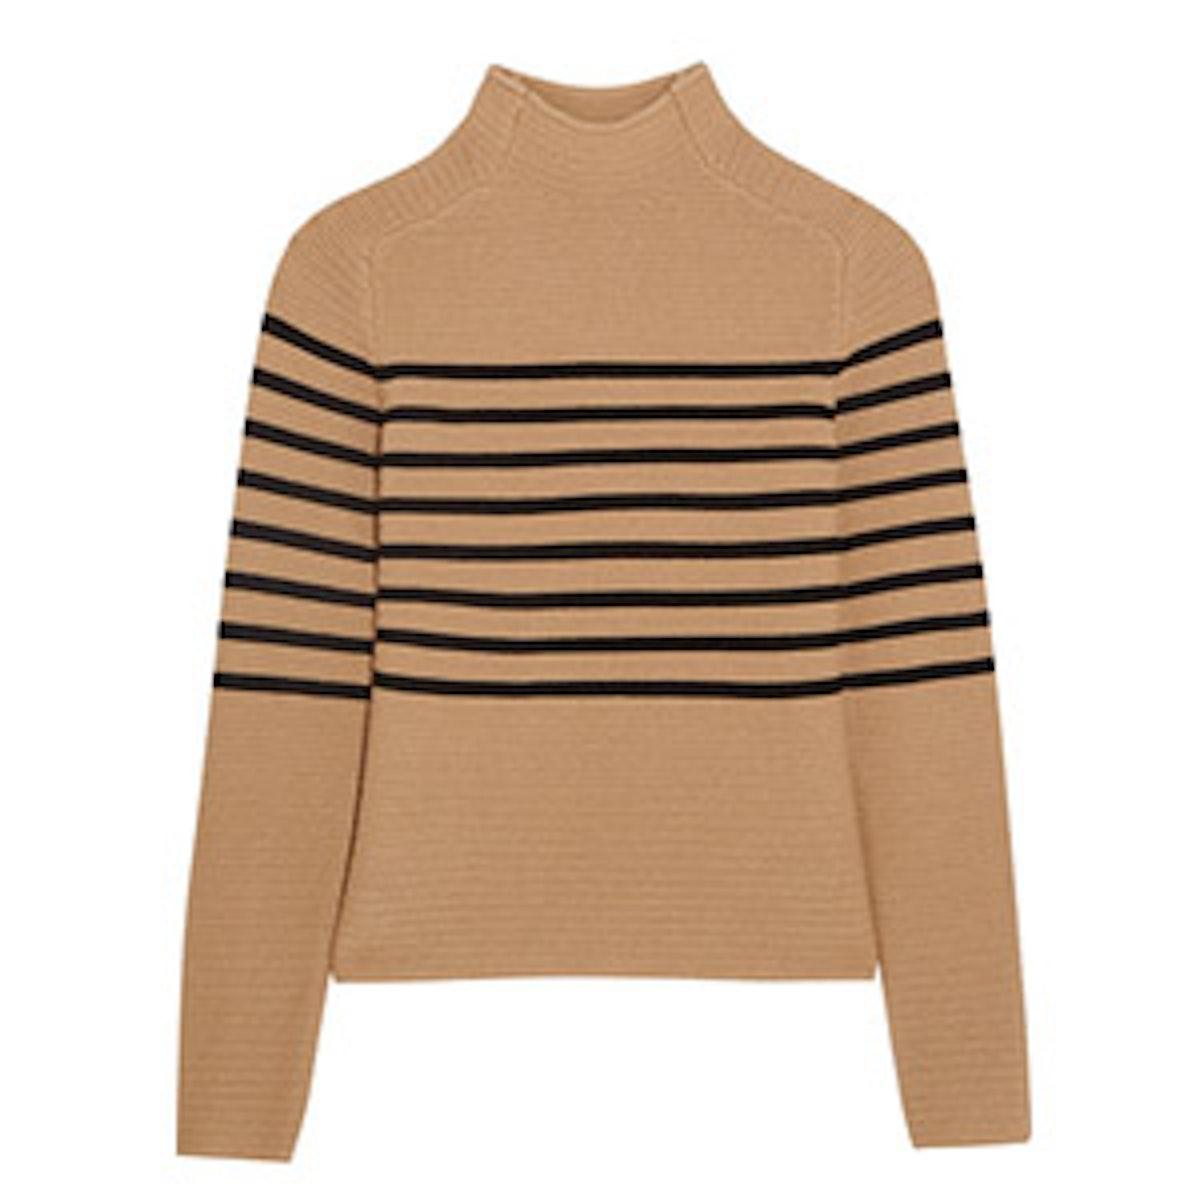 Broadwick Striped Wool & Cashmere Sweater